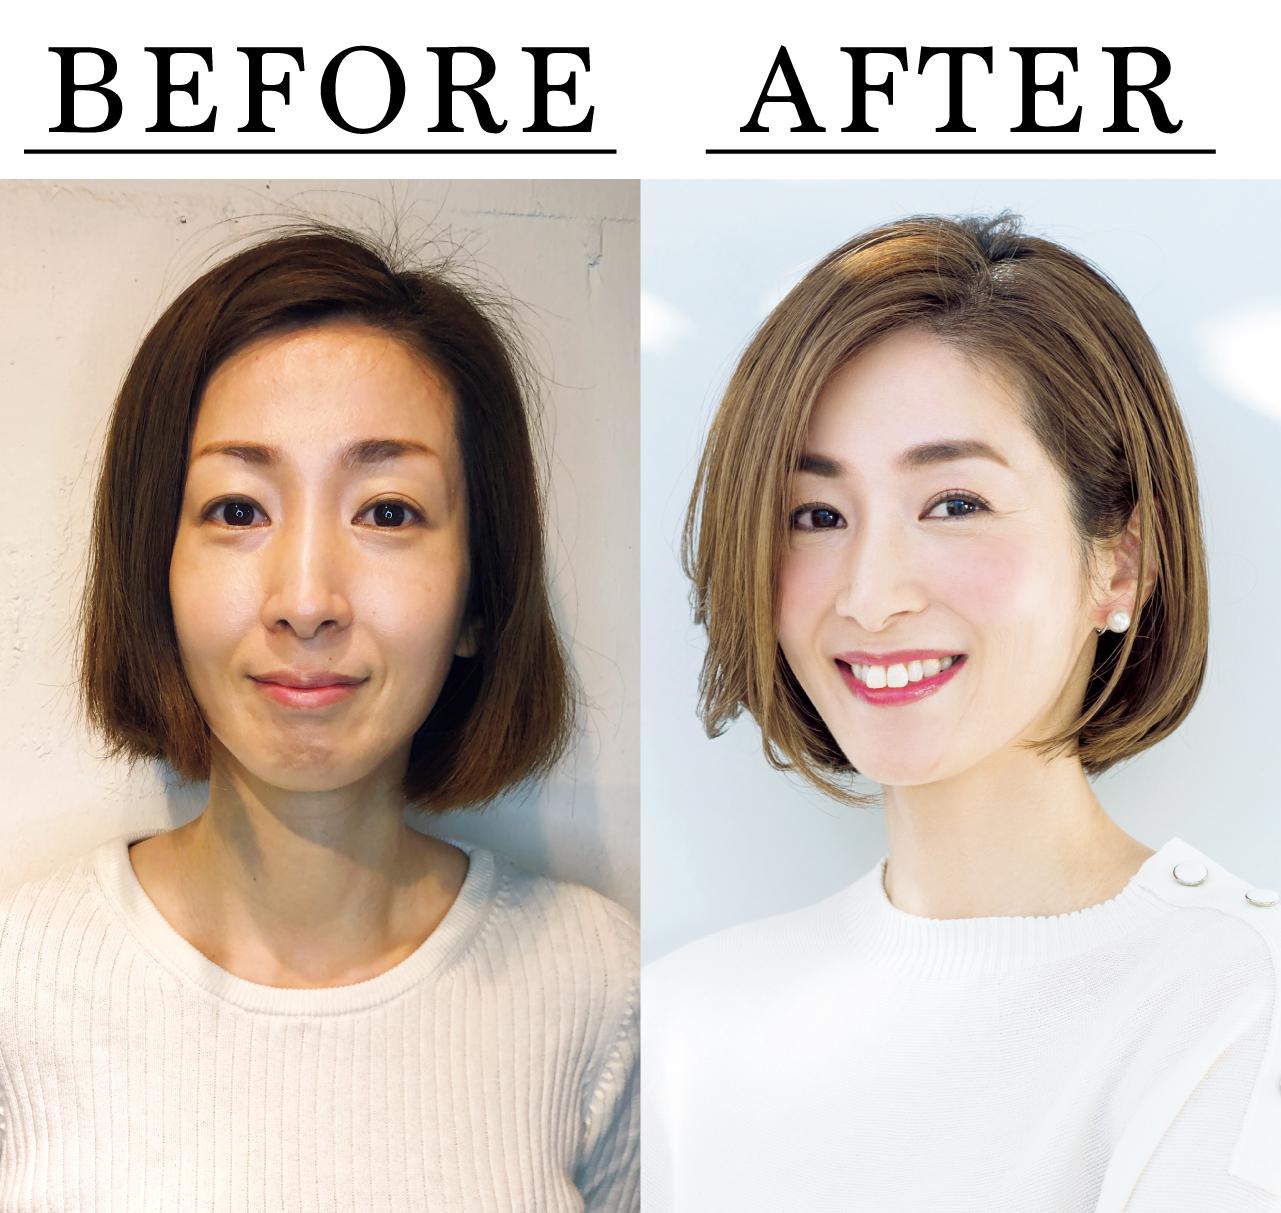 岩本三枝さん Before After